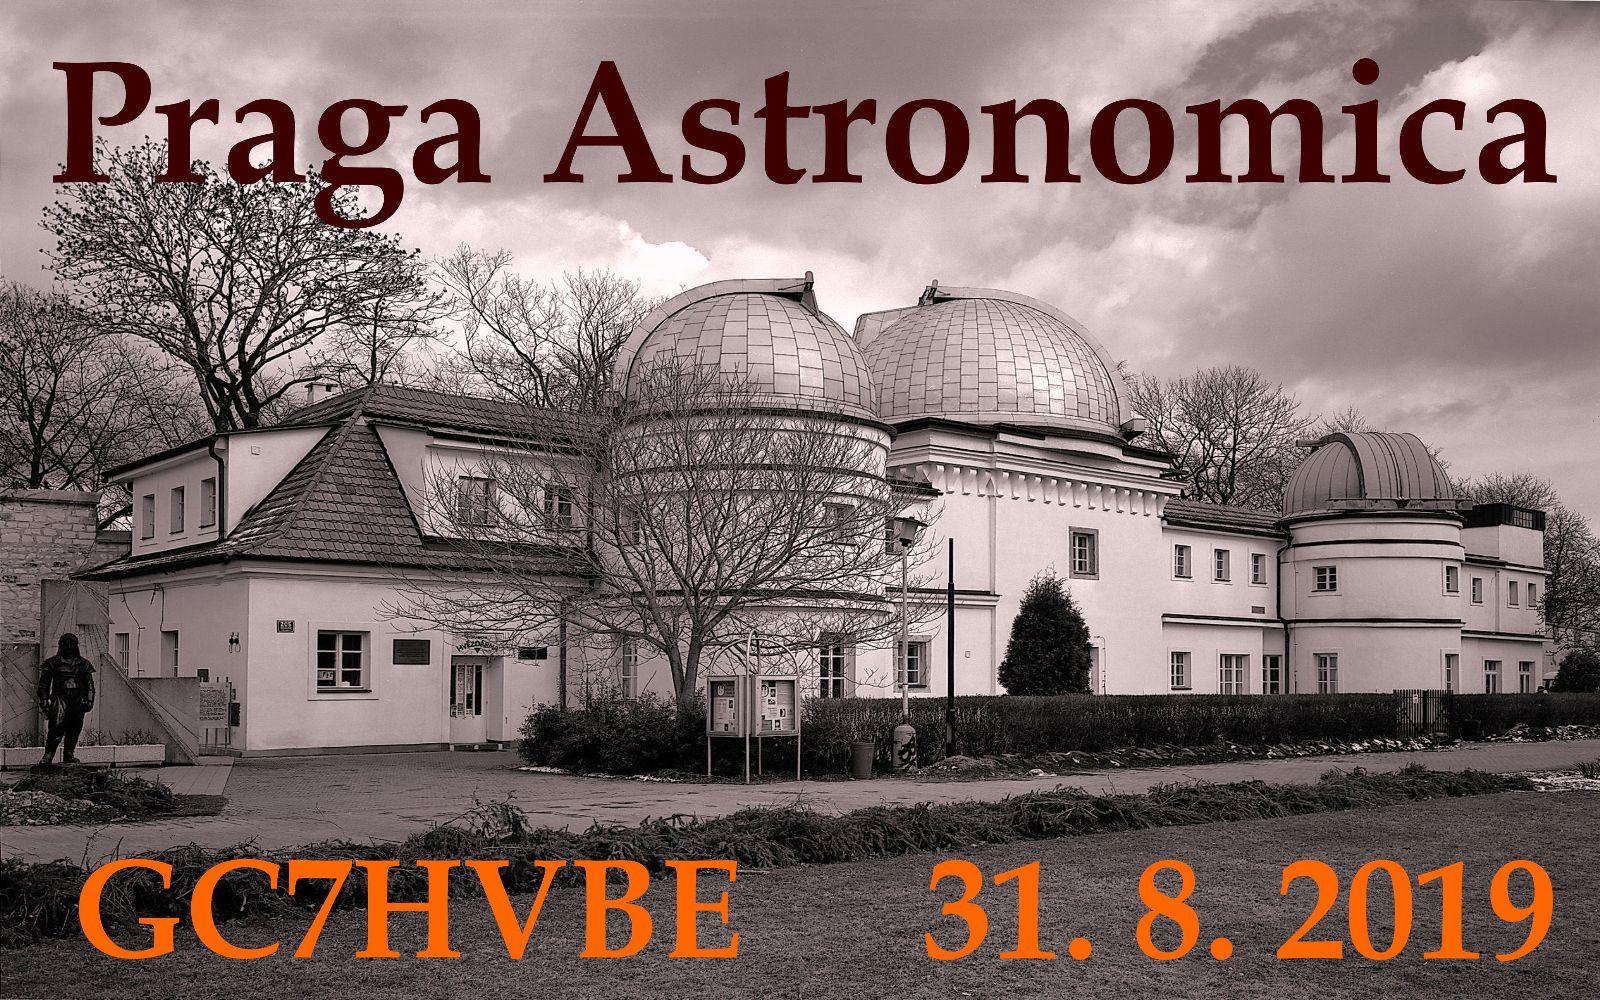 NEWS Praga Astronomica (02) - S Keplerem do vesmíru!